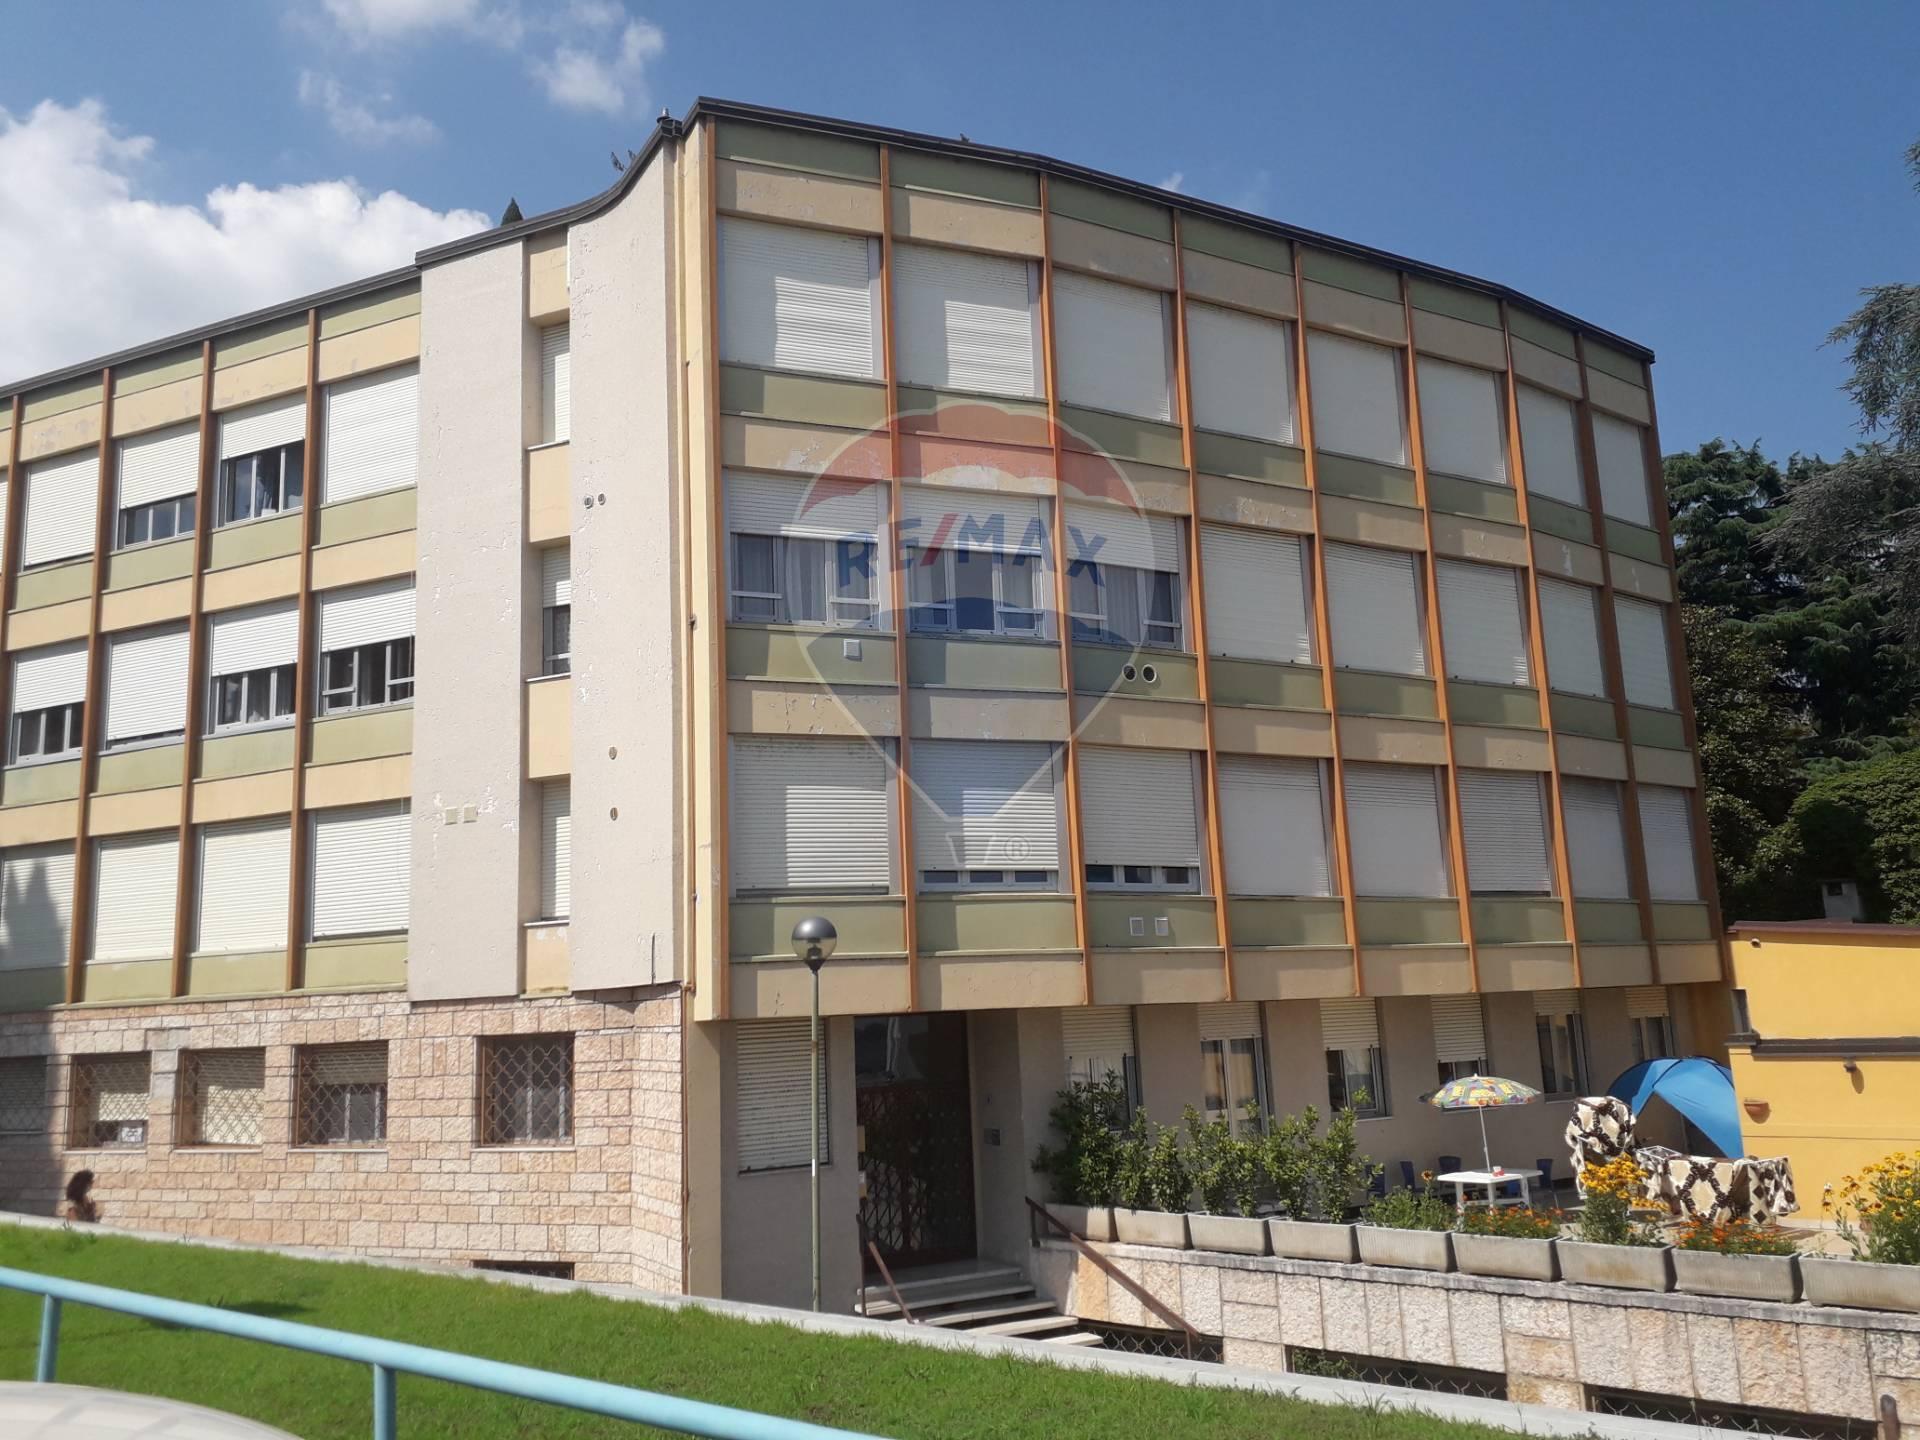 Appartamento in vendita a Gardone Riviera, 3 locali, zona Località: GardoneSotto, prezzo € 130.000 | CambioCasa.it